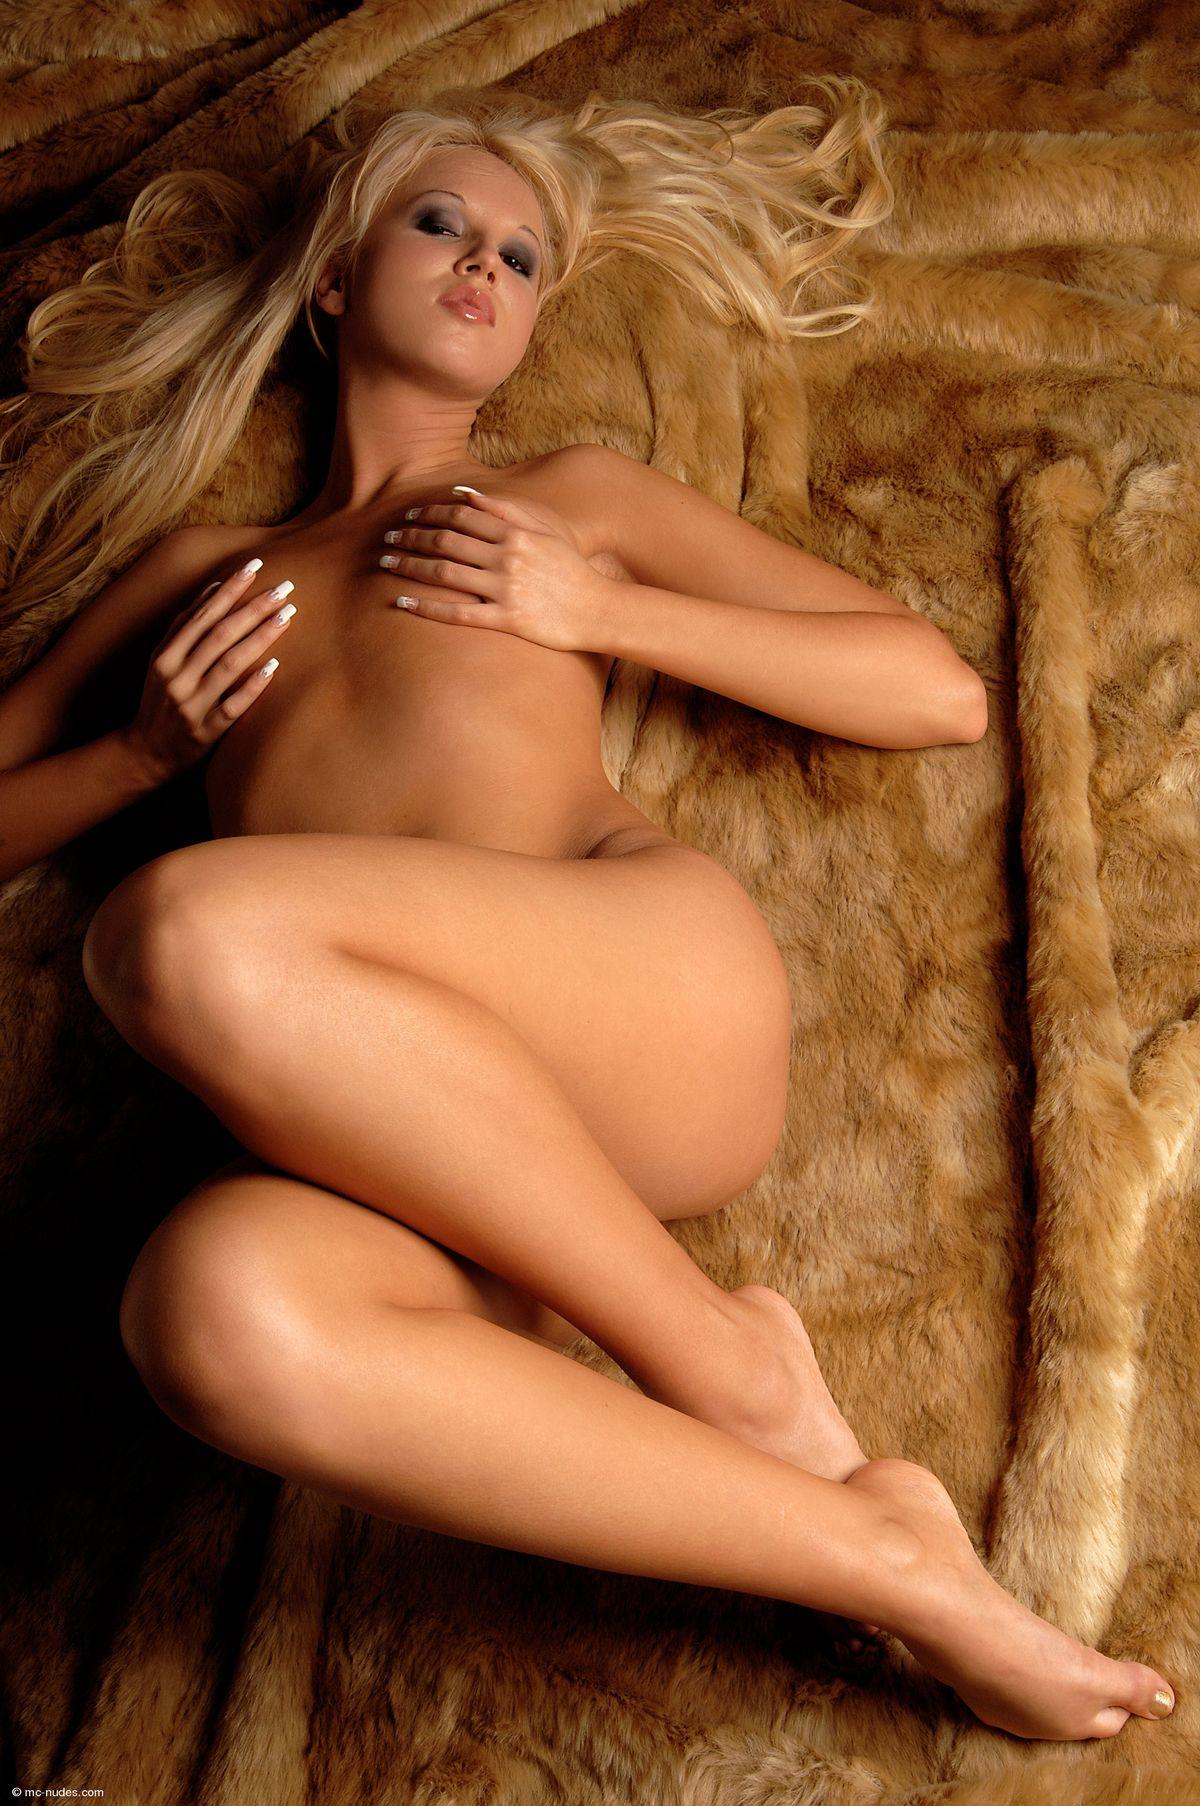 Голая блондиночка Китти Тоффи. Порно блондиночка.